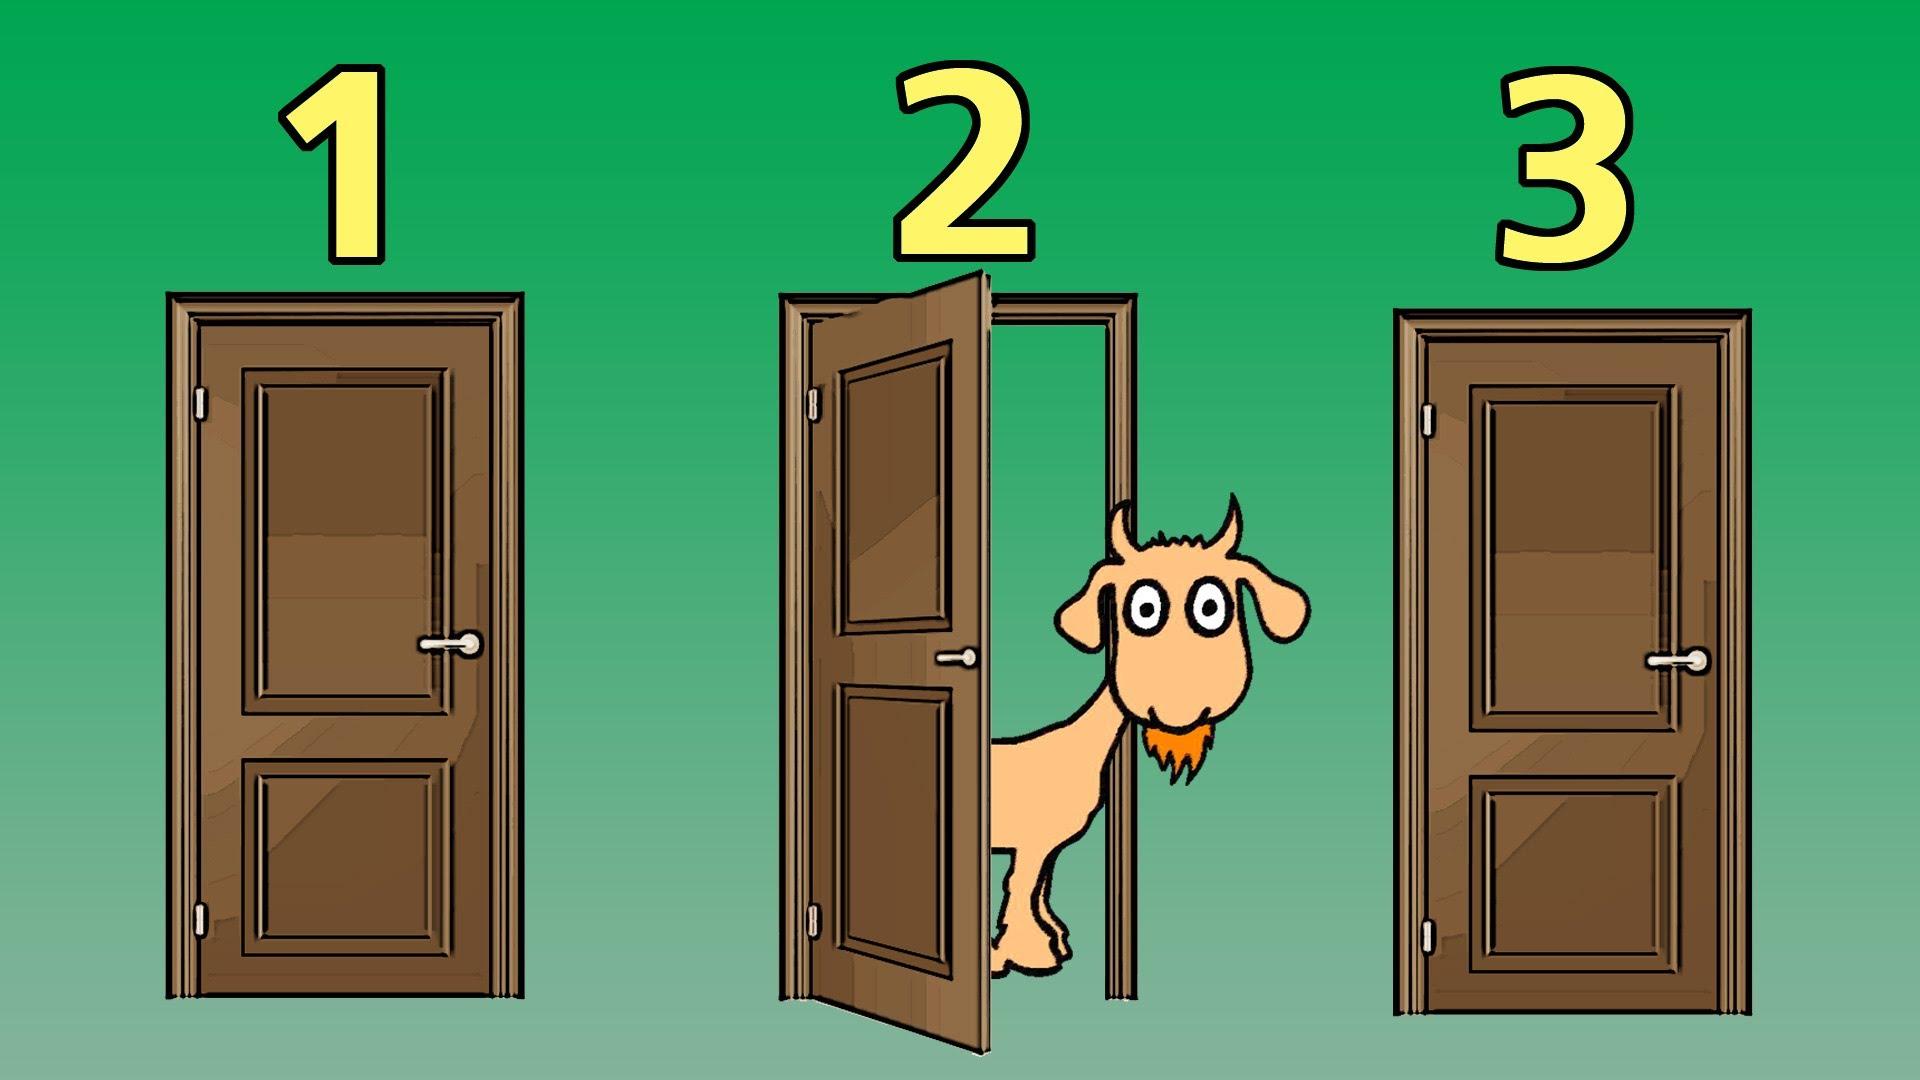 El dilema de Monty Hall